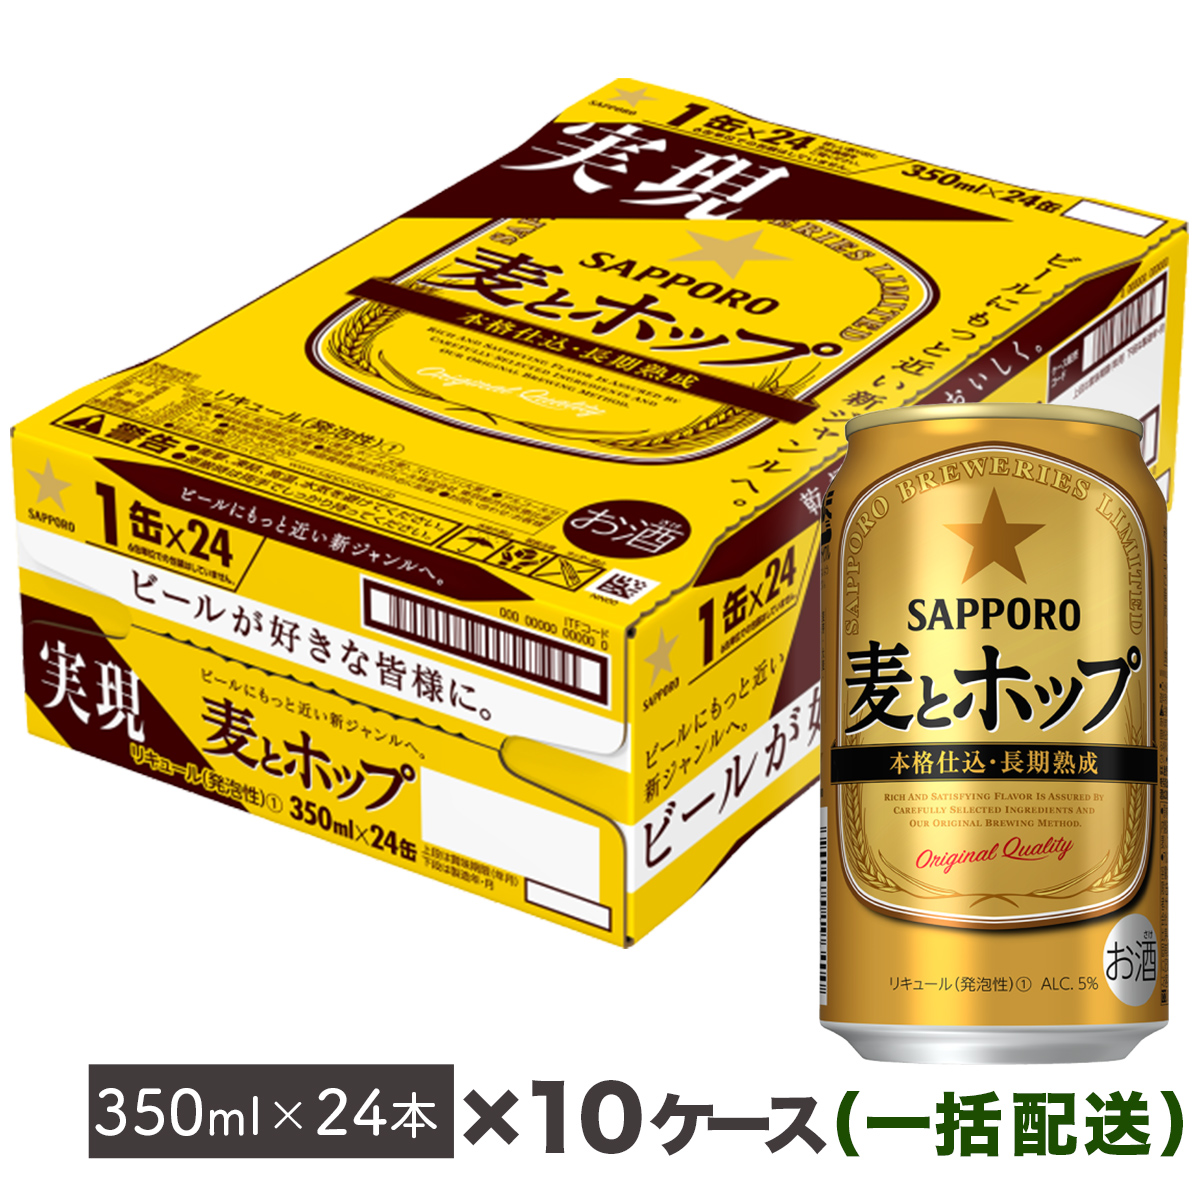 【ふるさと納税】地元名取生産 麦とホップ 350ml 24本 10箱お届け(同時お届け)